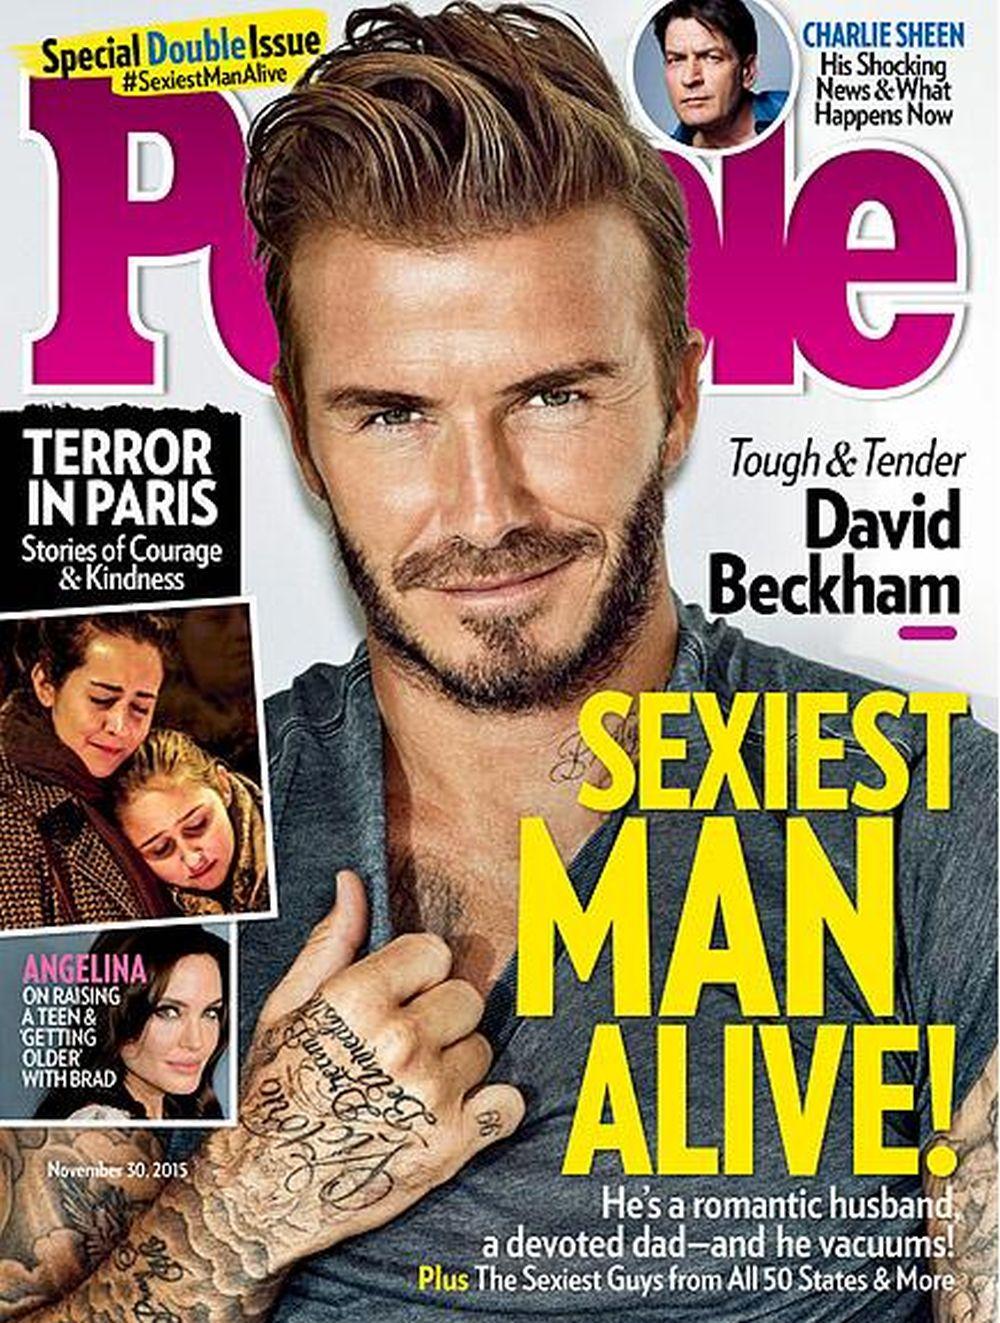 IZABRAO MAGAZIN PEOPLE David Beckham najseksi muškarac svijeta